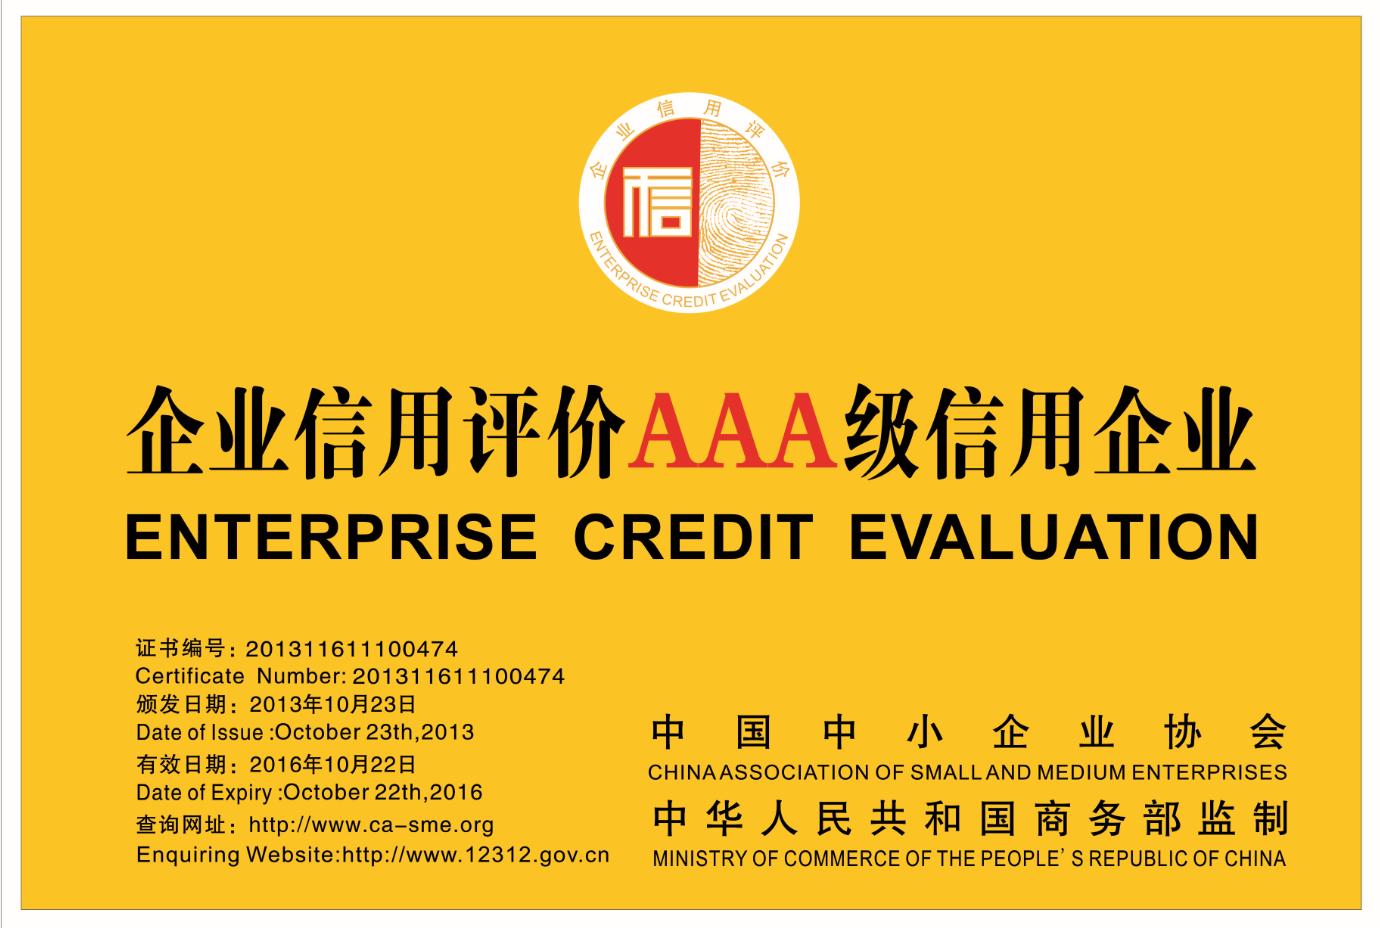 惠州商标注册|惠州版权登记|惠州知识产权|商标公司|惠州网站...